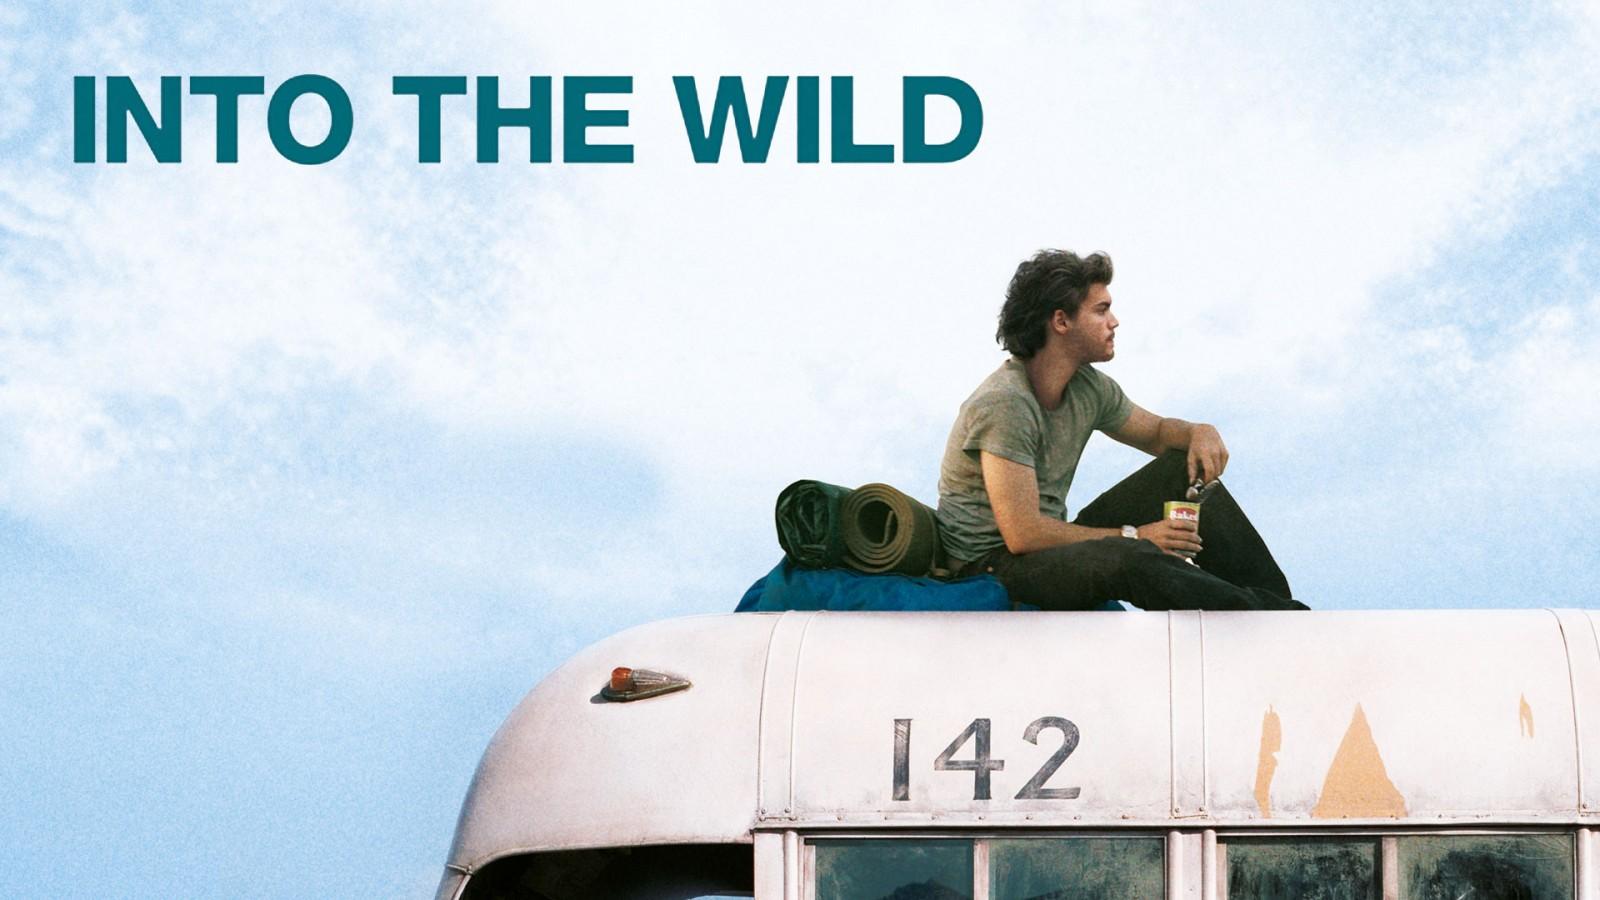 <span style='color:#B00000  ;font-size:14px;'>Filmul săptămânii</span> <br> Into the Wild</p>